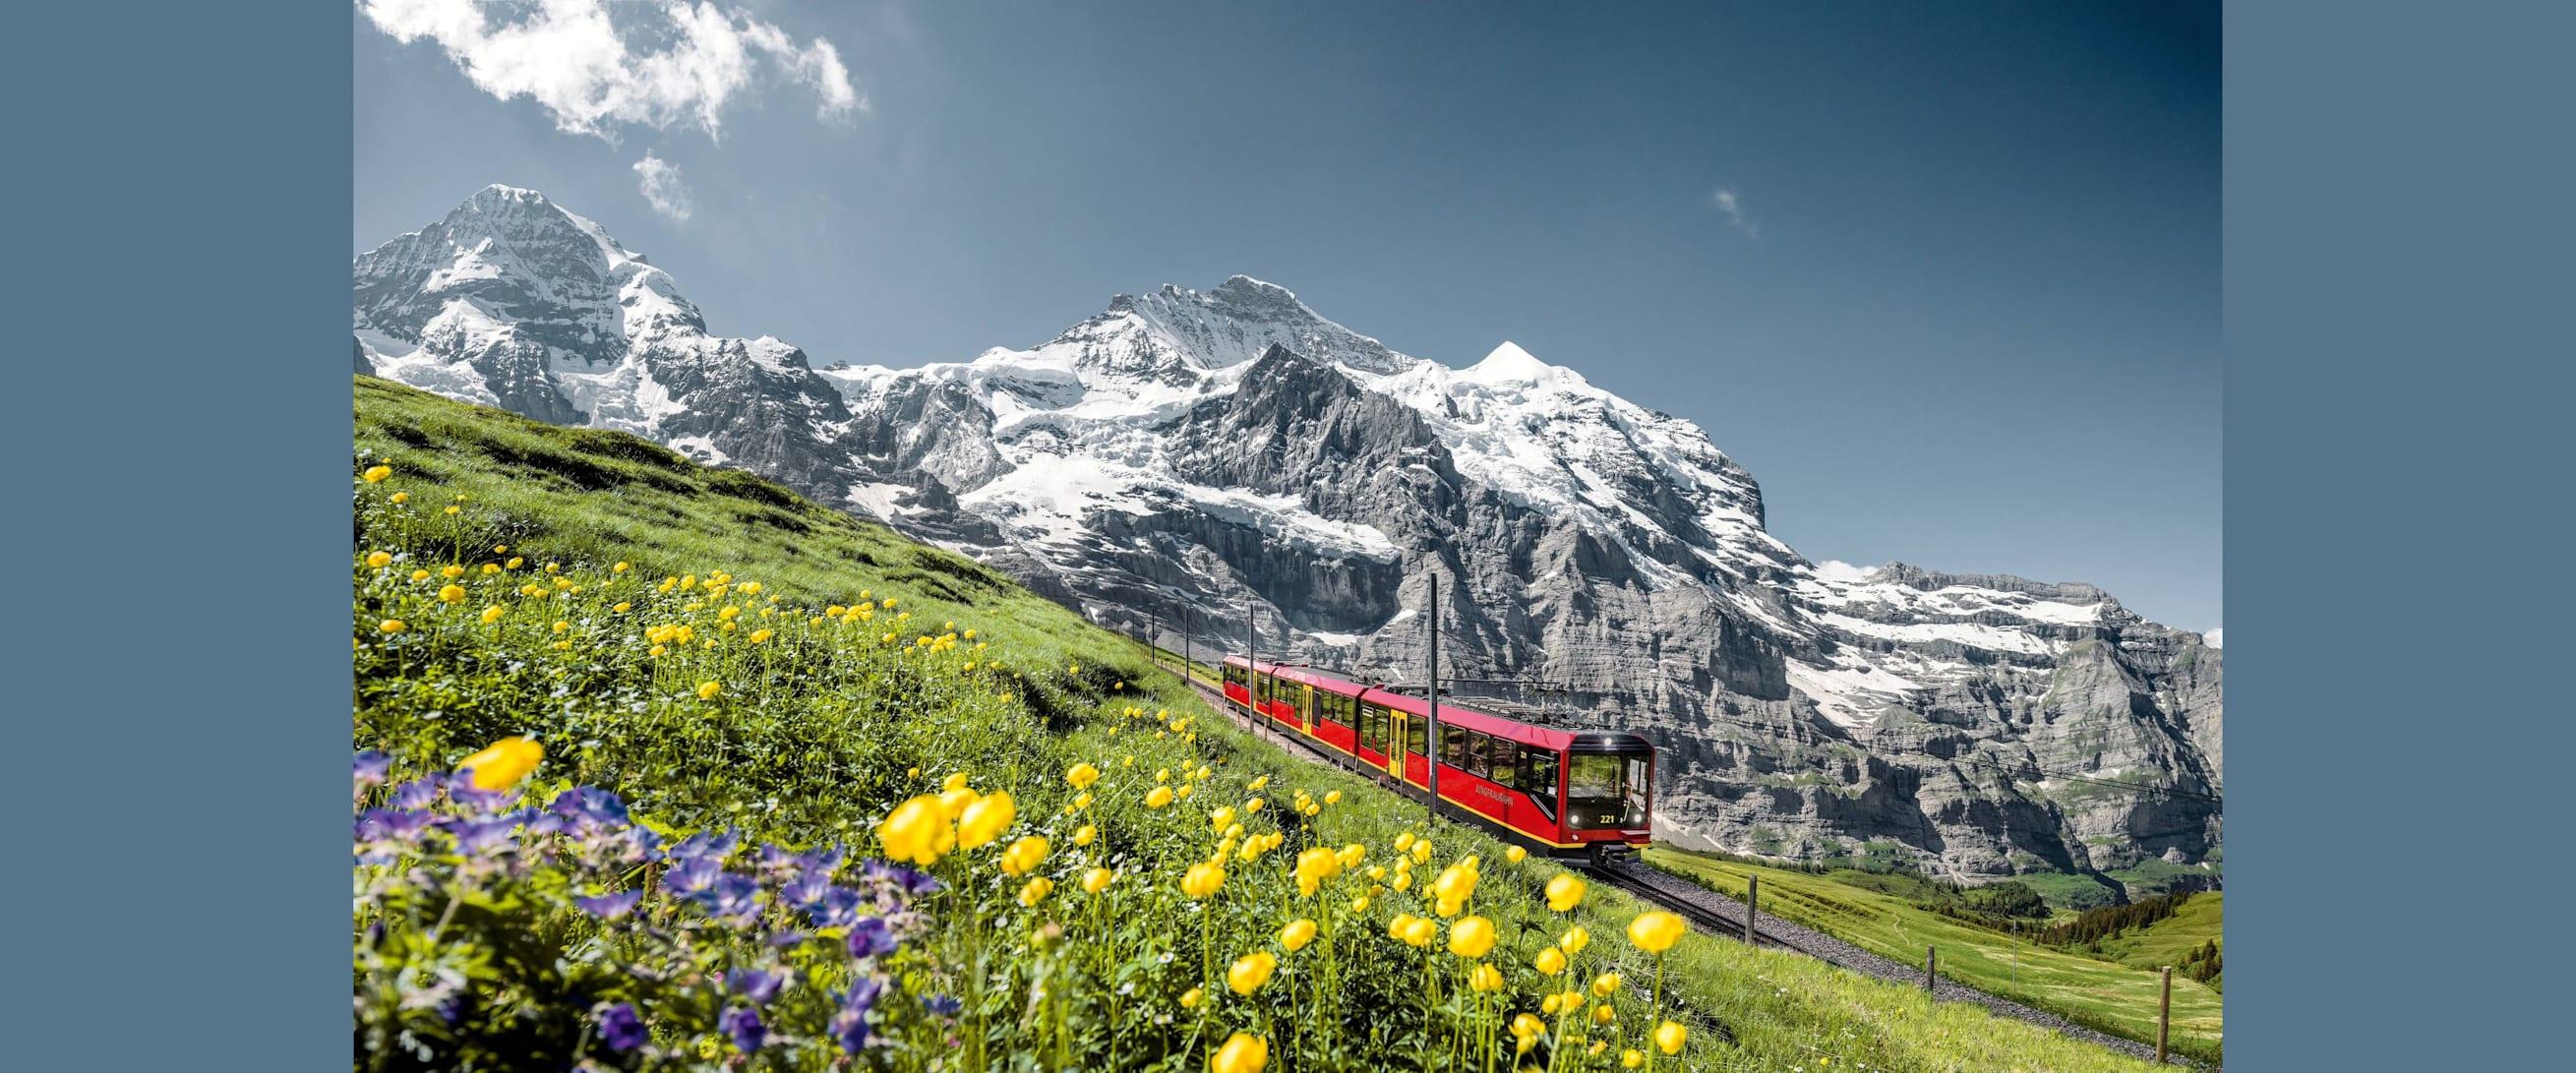 Jungfraubahn eiger moench jungfrau klein